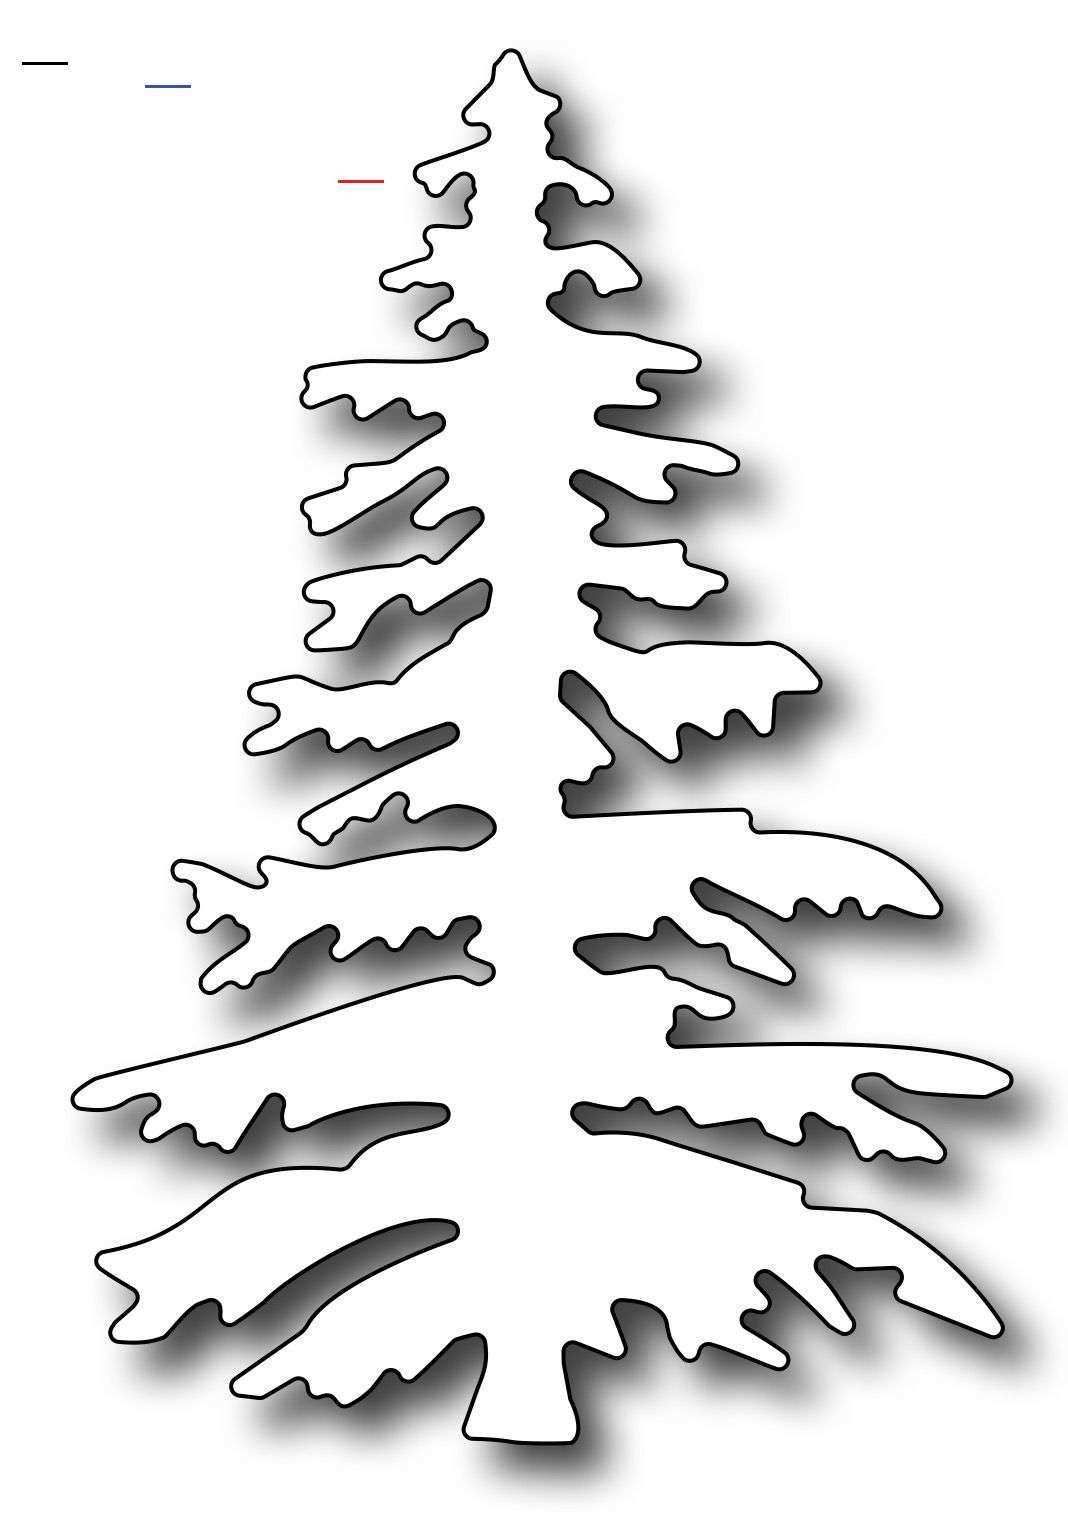 Small Oregon Fir Sapindenoeloriginal Made In The Usa Compatible With All Lead Laubsage Vorlagen Weihnachten Weihnachtsschablonen Holz Basteln Weihnachten